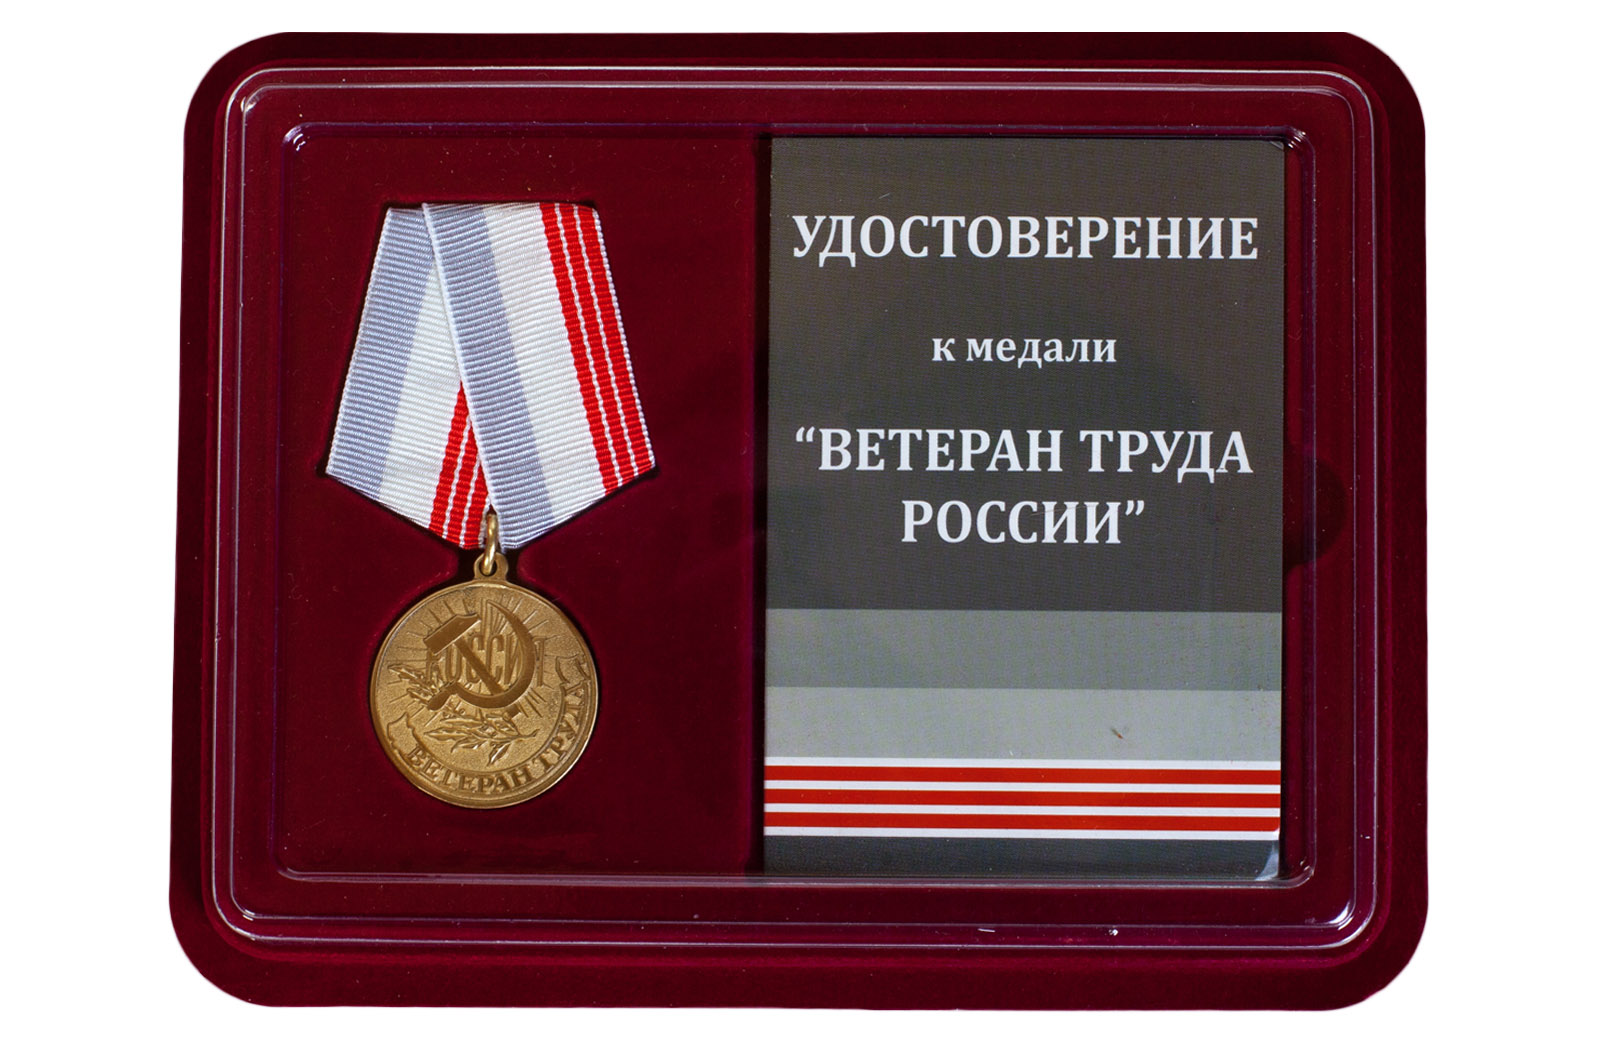 фото медаль ветеран труда россии